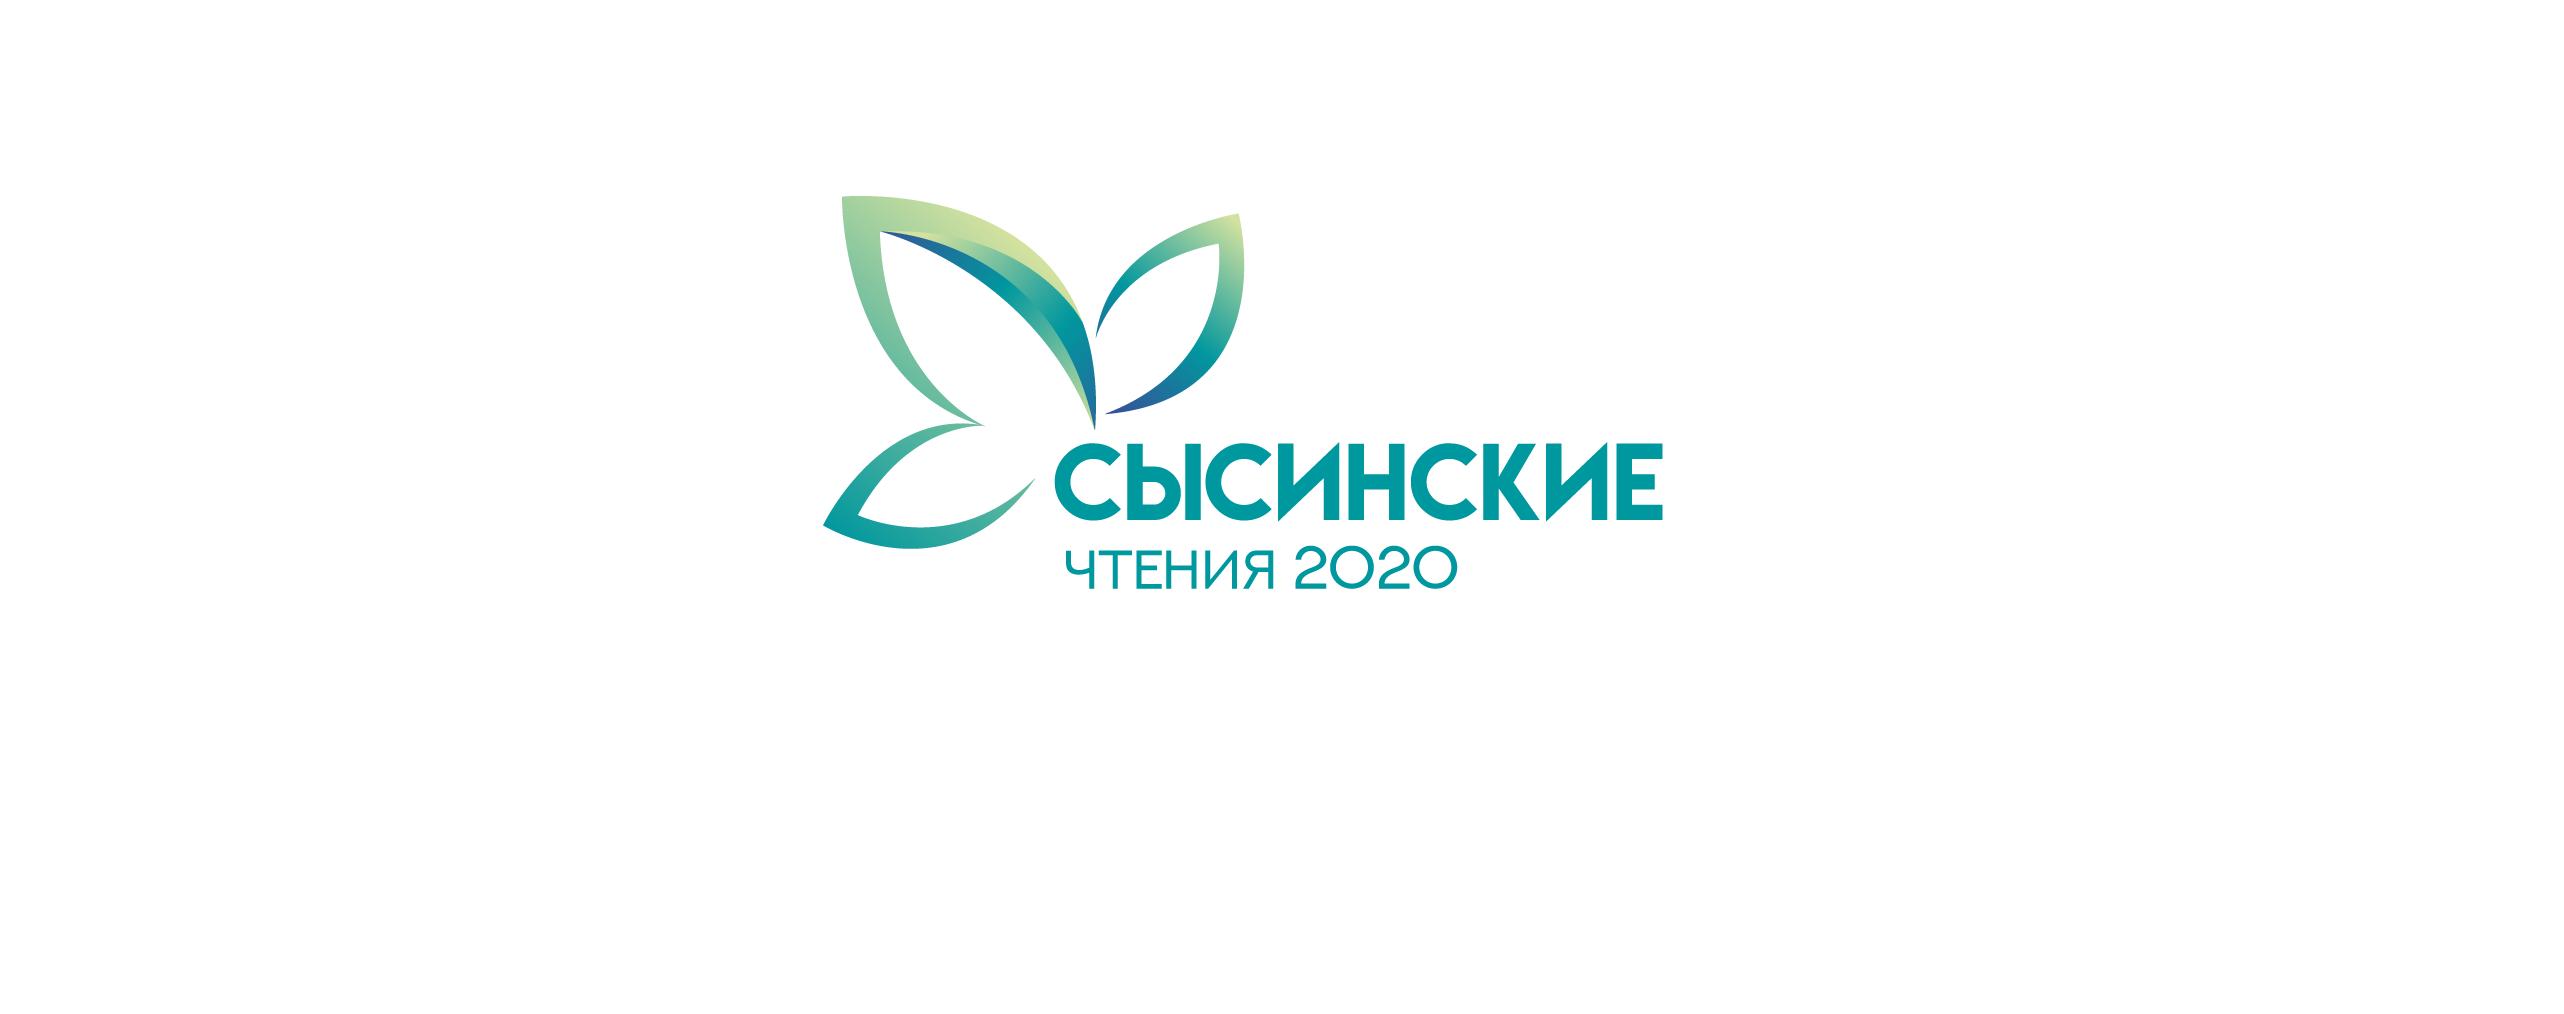 Информация по проведению I Национального конгресса с международным участием по экологии человека, гигиене и медицине окружающей среды «СЫСИНСКИЕ ЧТЕНИЯ -2020» 19-20 ноября 2020 года